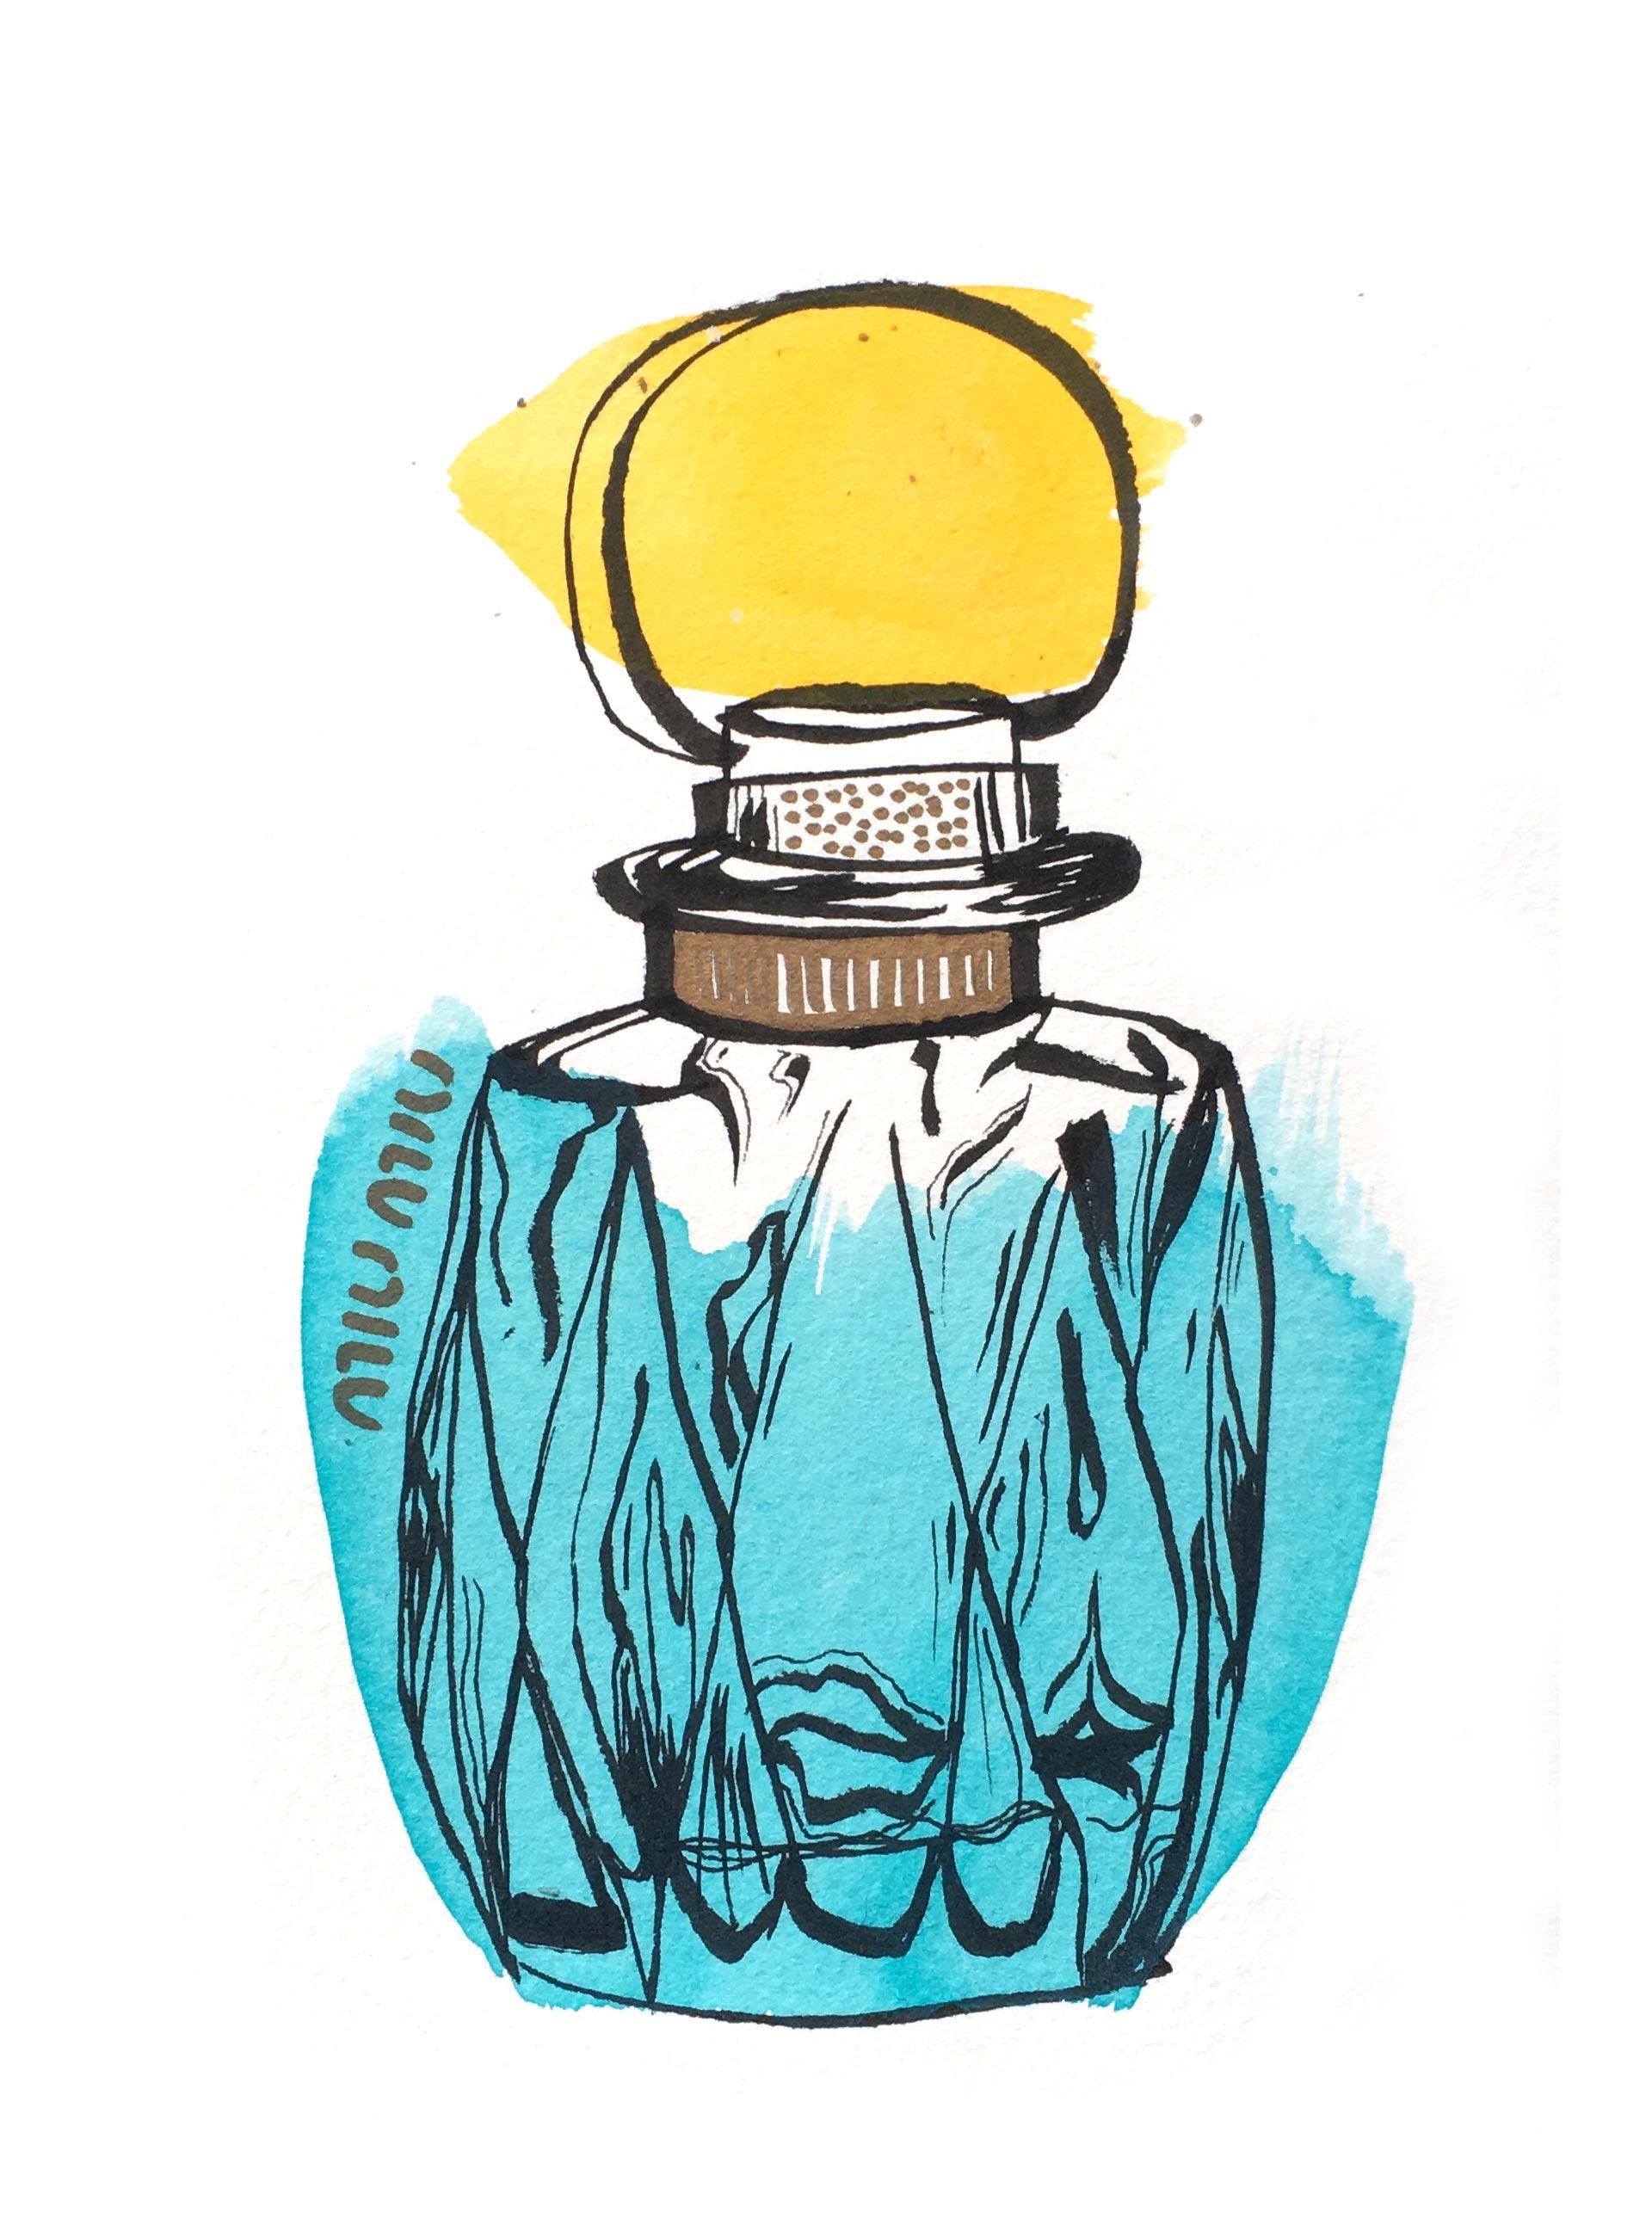 Illustration Studio Mimi Moon Miriam McWilliam NYC Sketches - MUI MUI